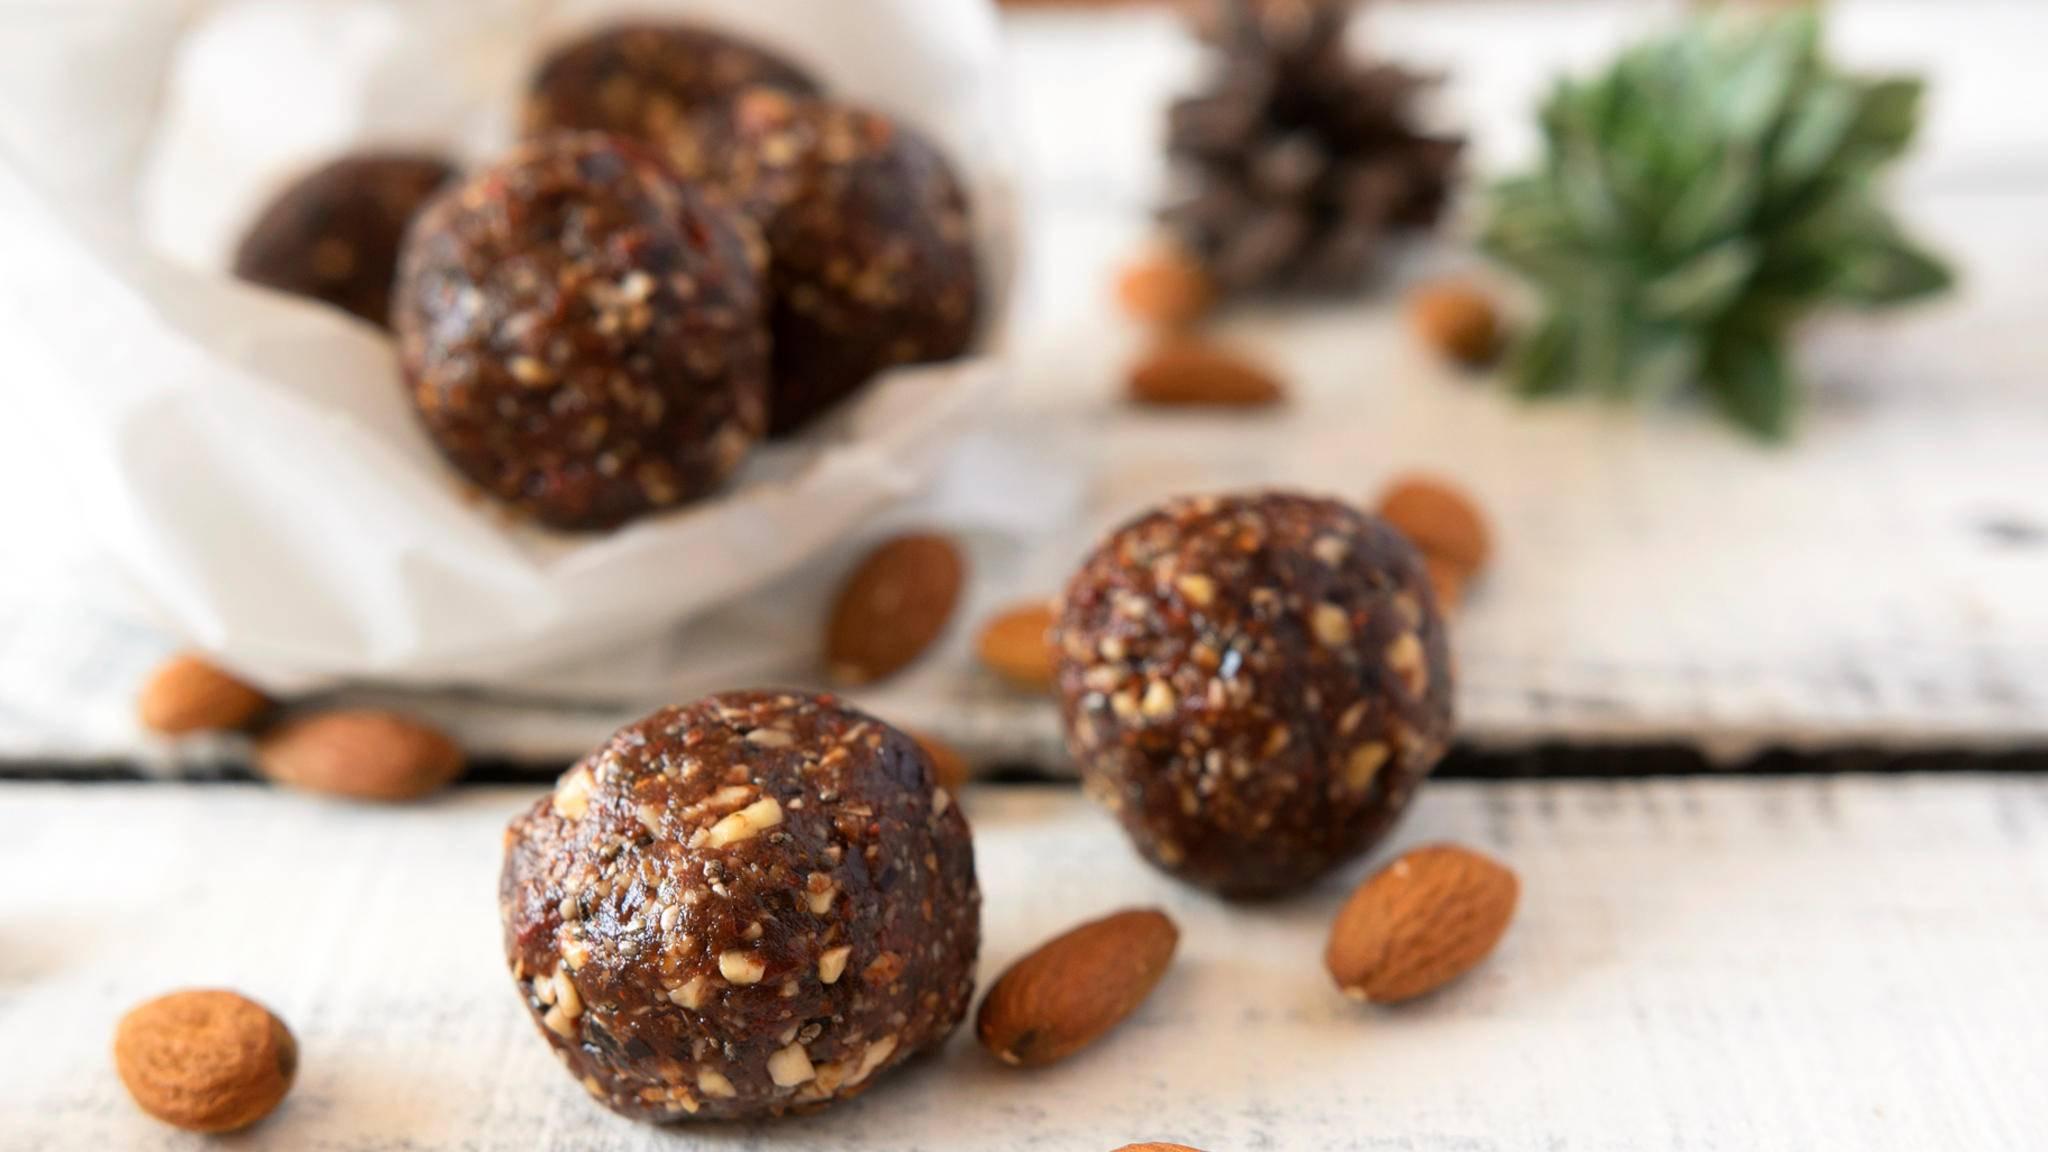 Diese süßen Bällchen sind eine gesunde Alternative zu Schokolade.